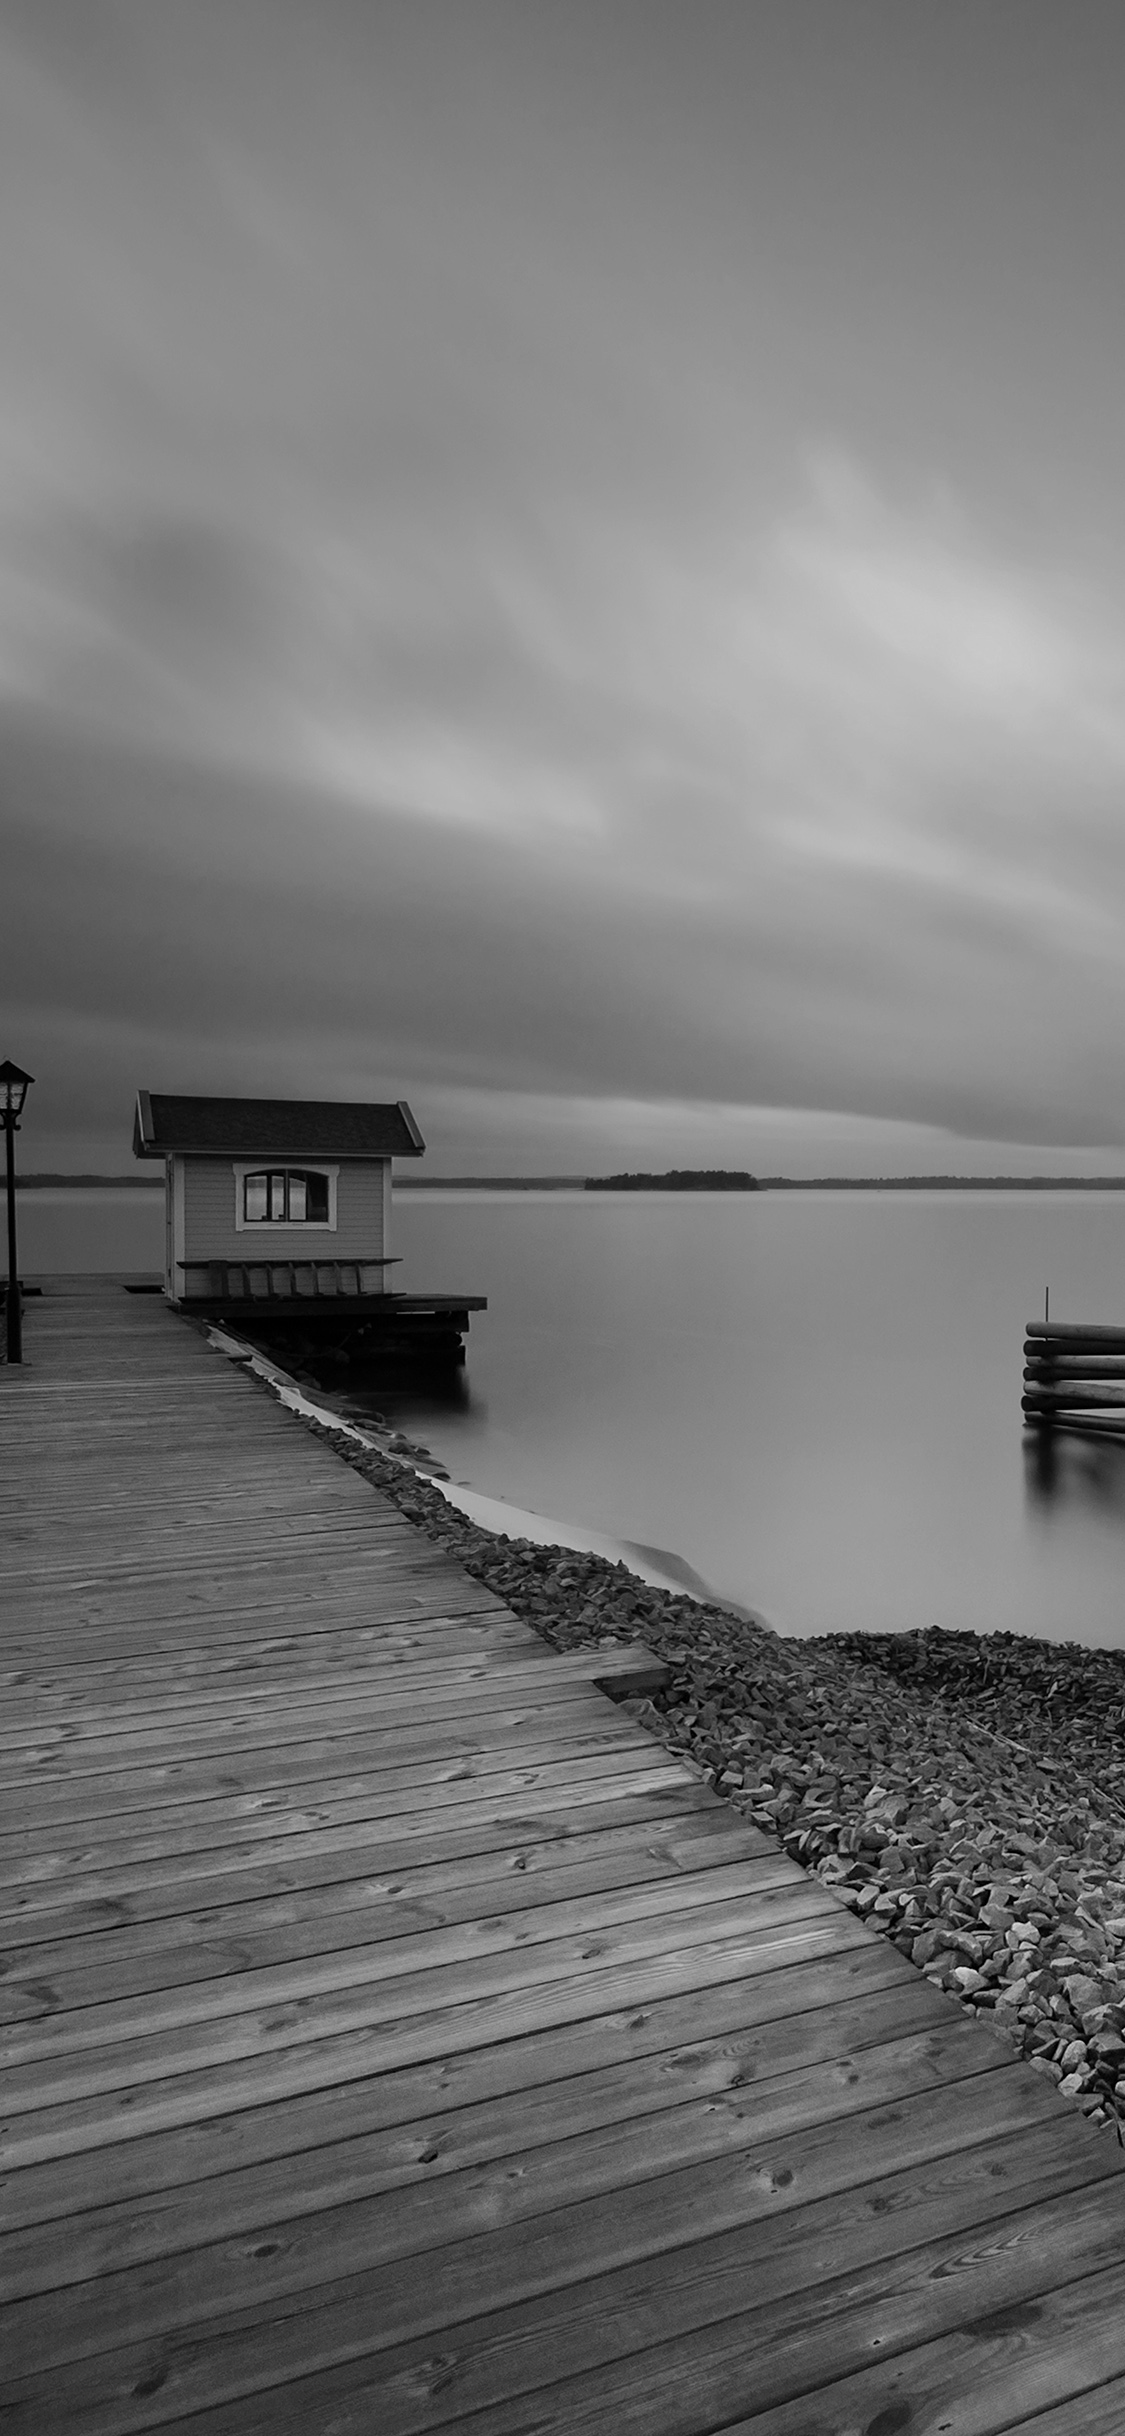 iPhonexpapers.com-Apple-iPhone-wallpaper-mr38-lake-calm-nature-beautiful-sea-water-road-dark